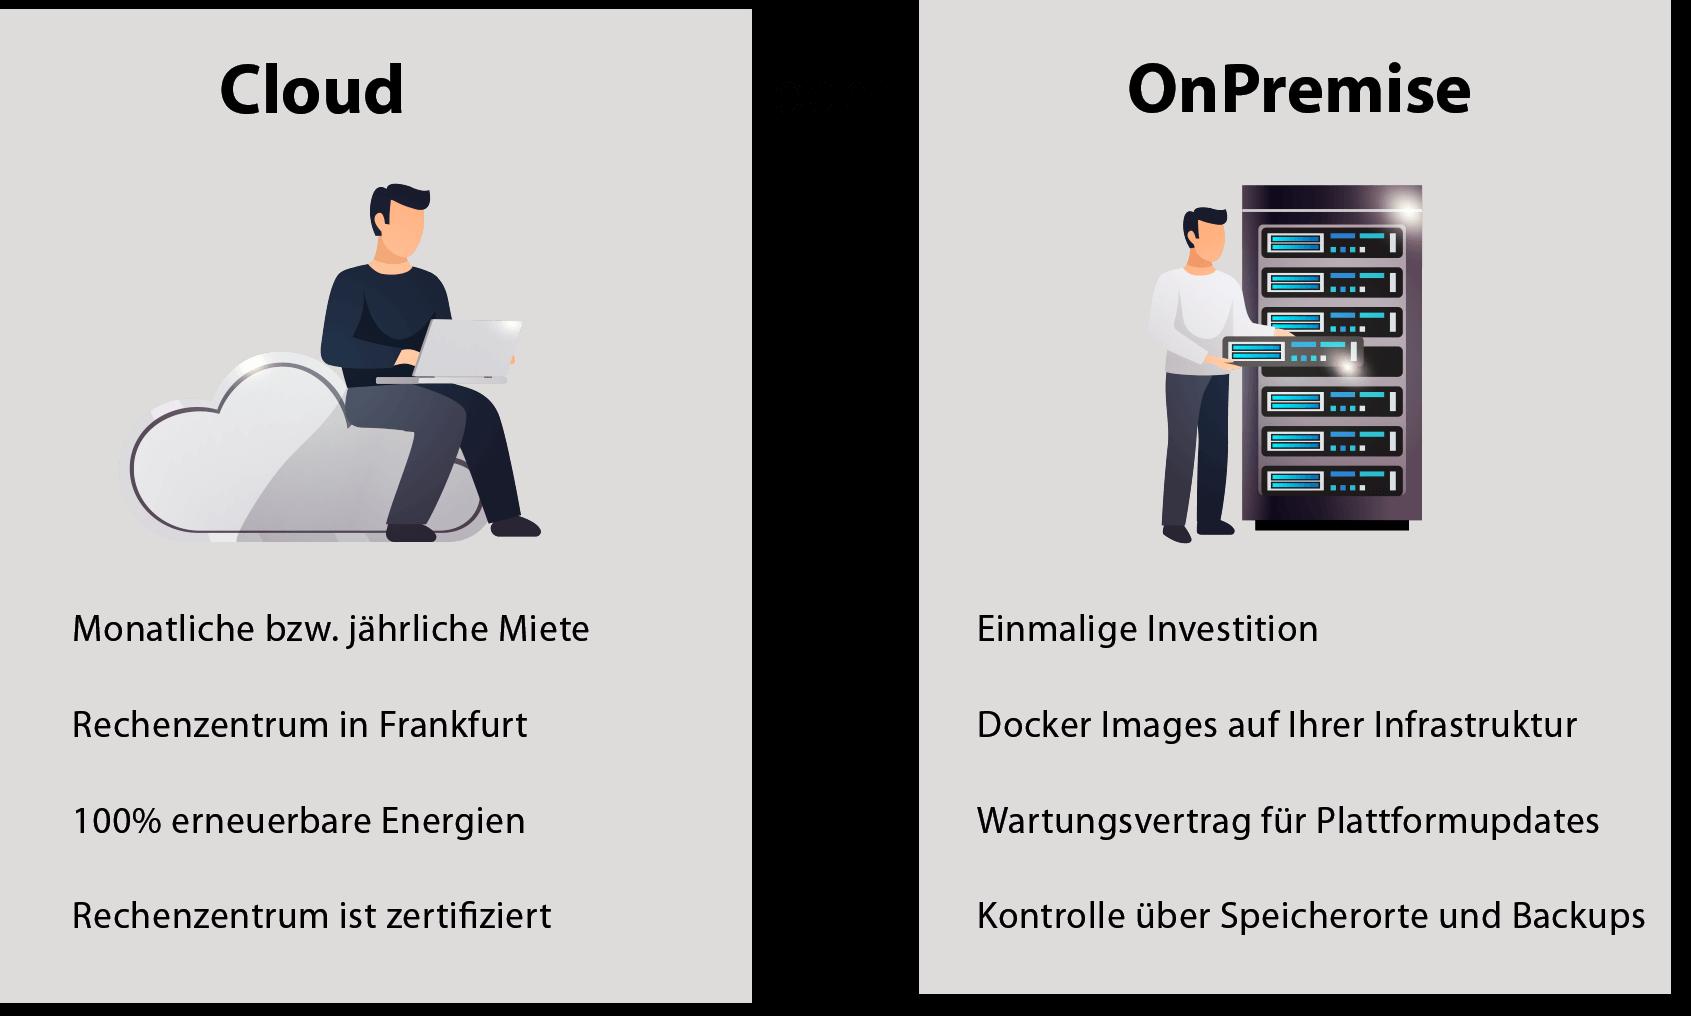 cloudVSonpremise (1)